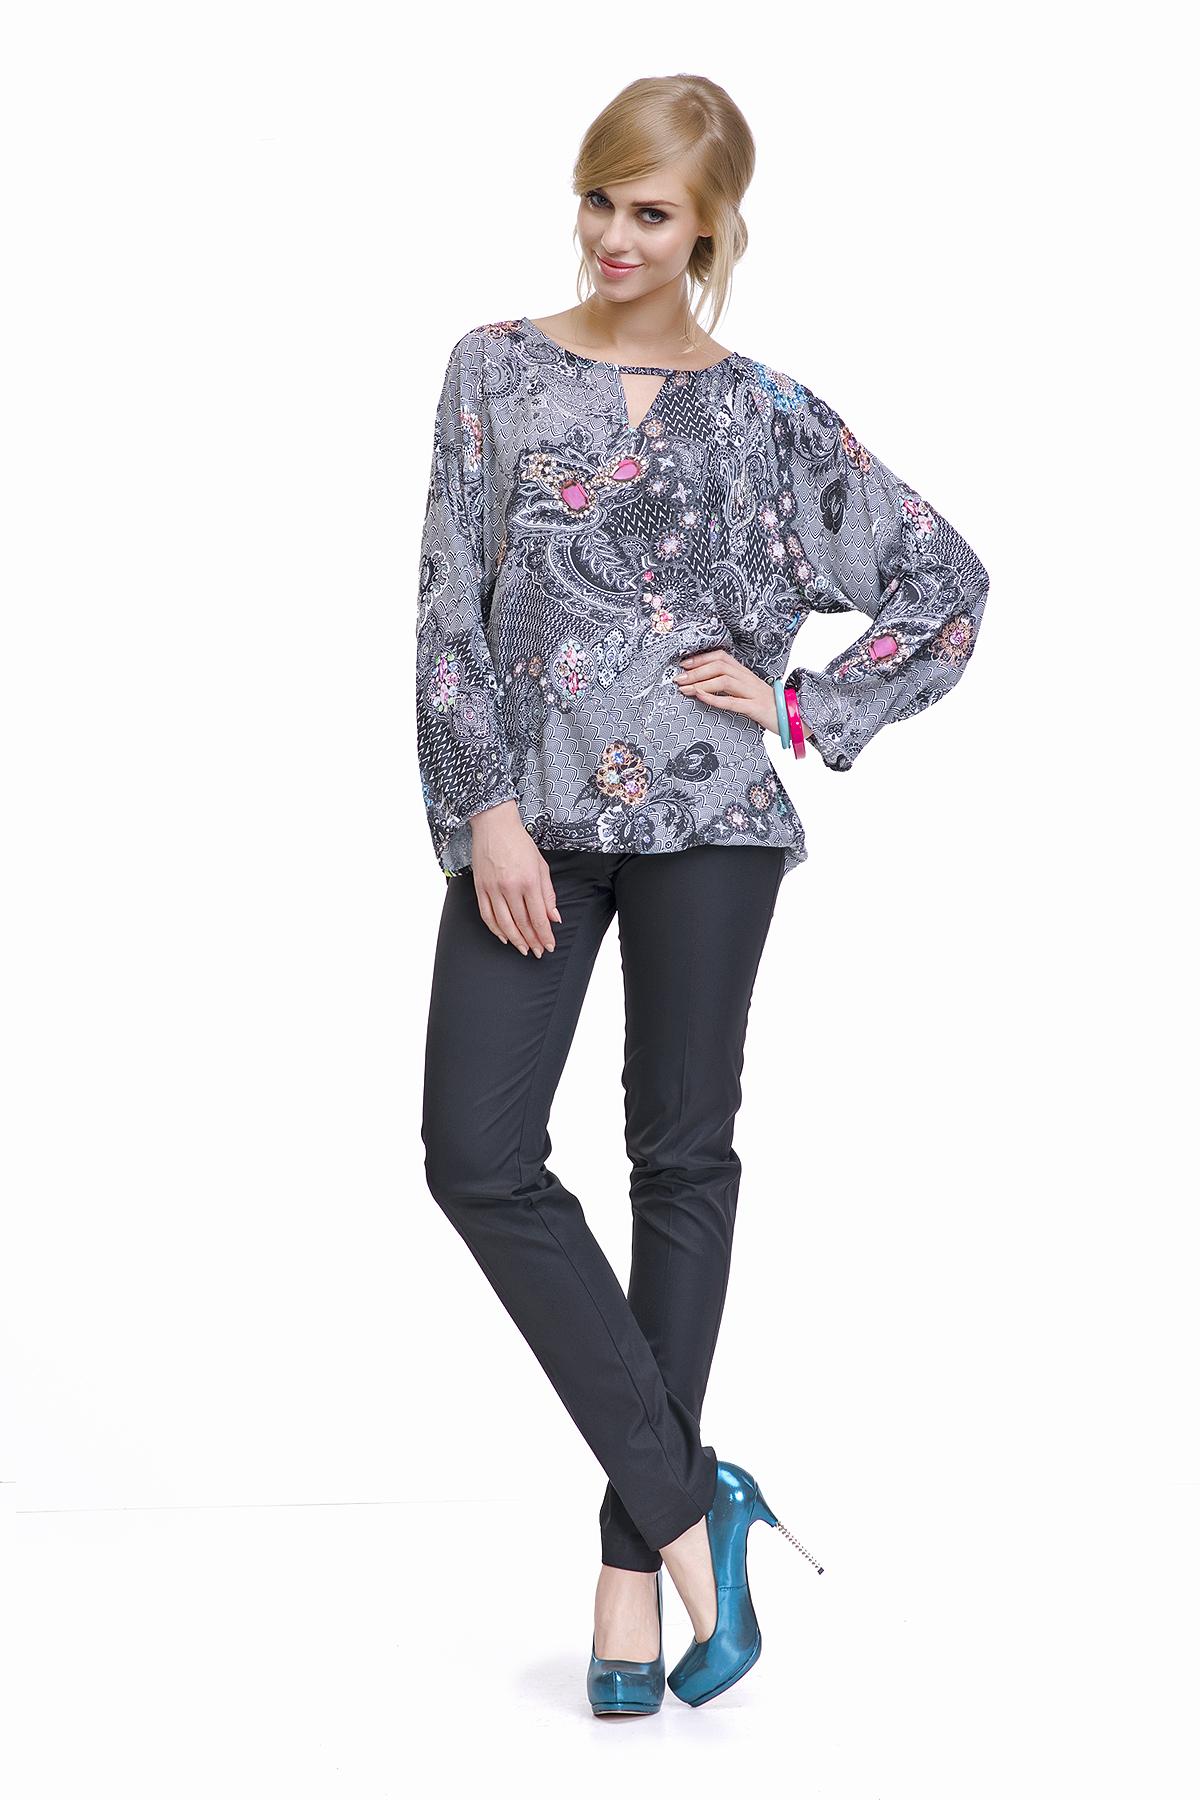 ОРГ 14%. Польский трикотаж высокого качества Lady M. Осенне-зимняя коллекция платьев, рубашек, брюк, туник и кардиганов